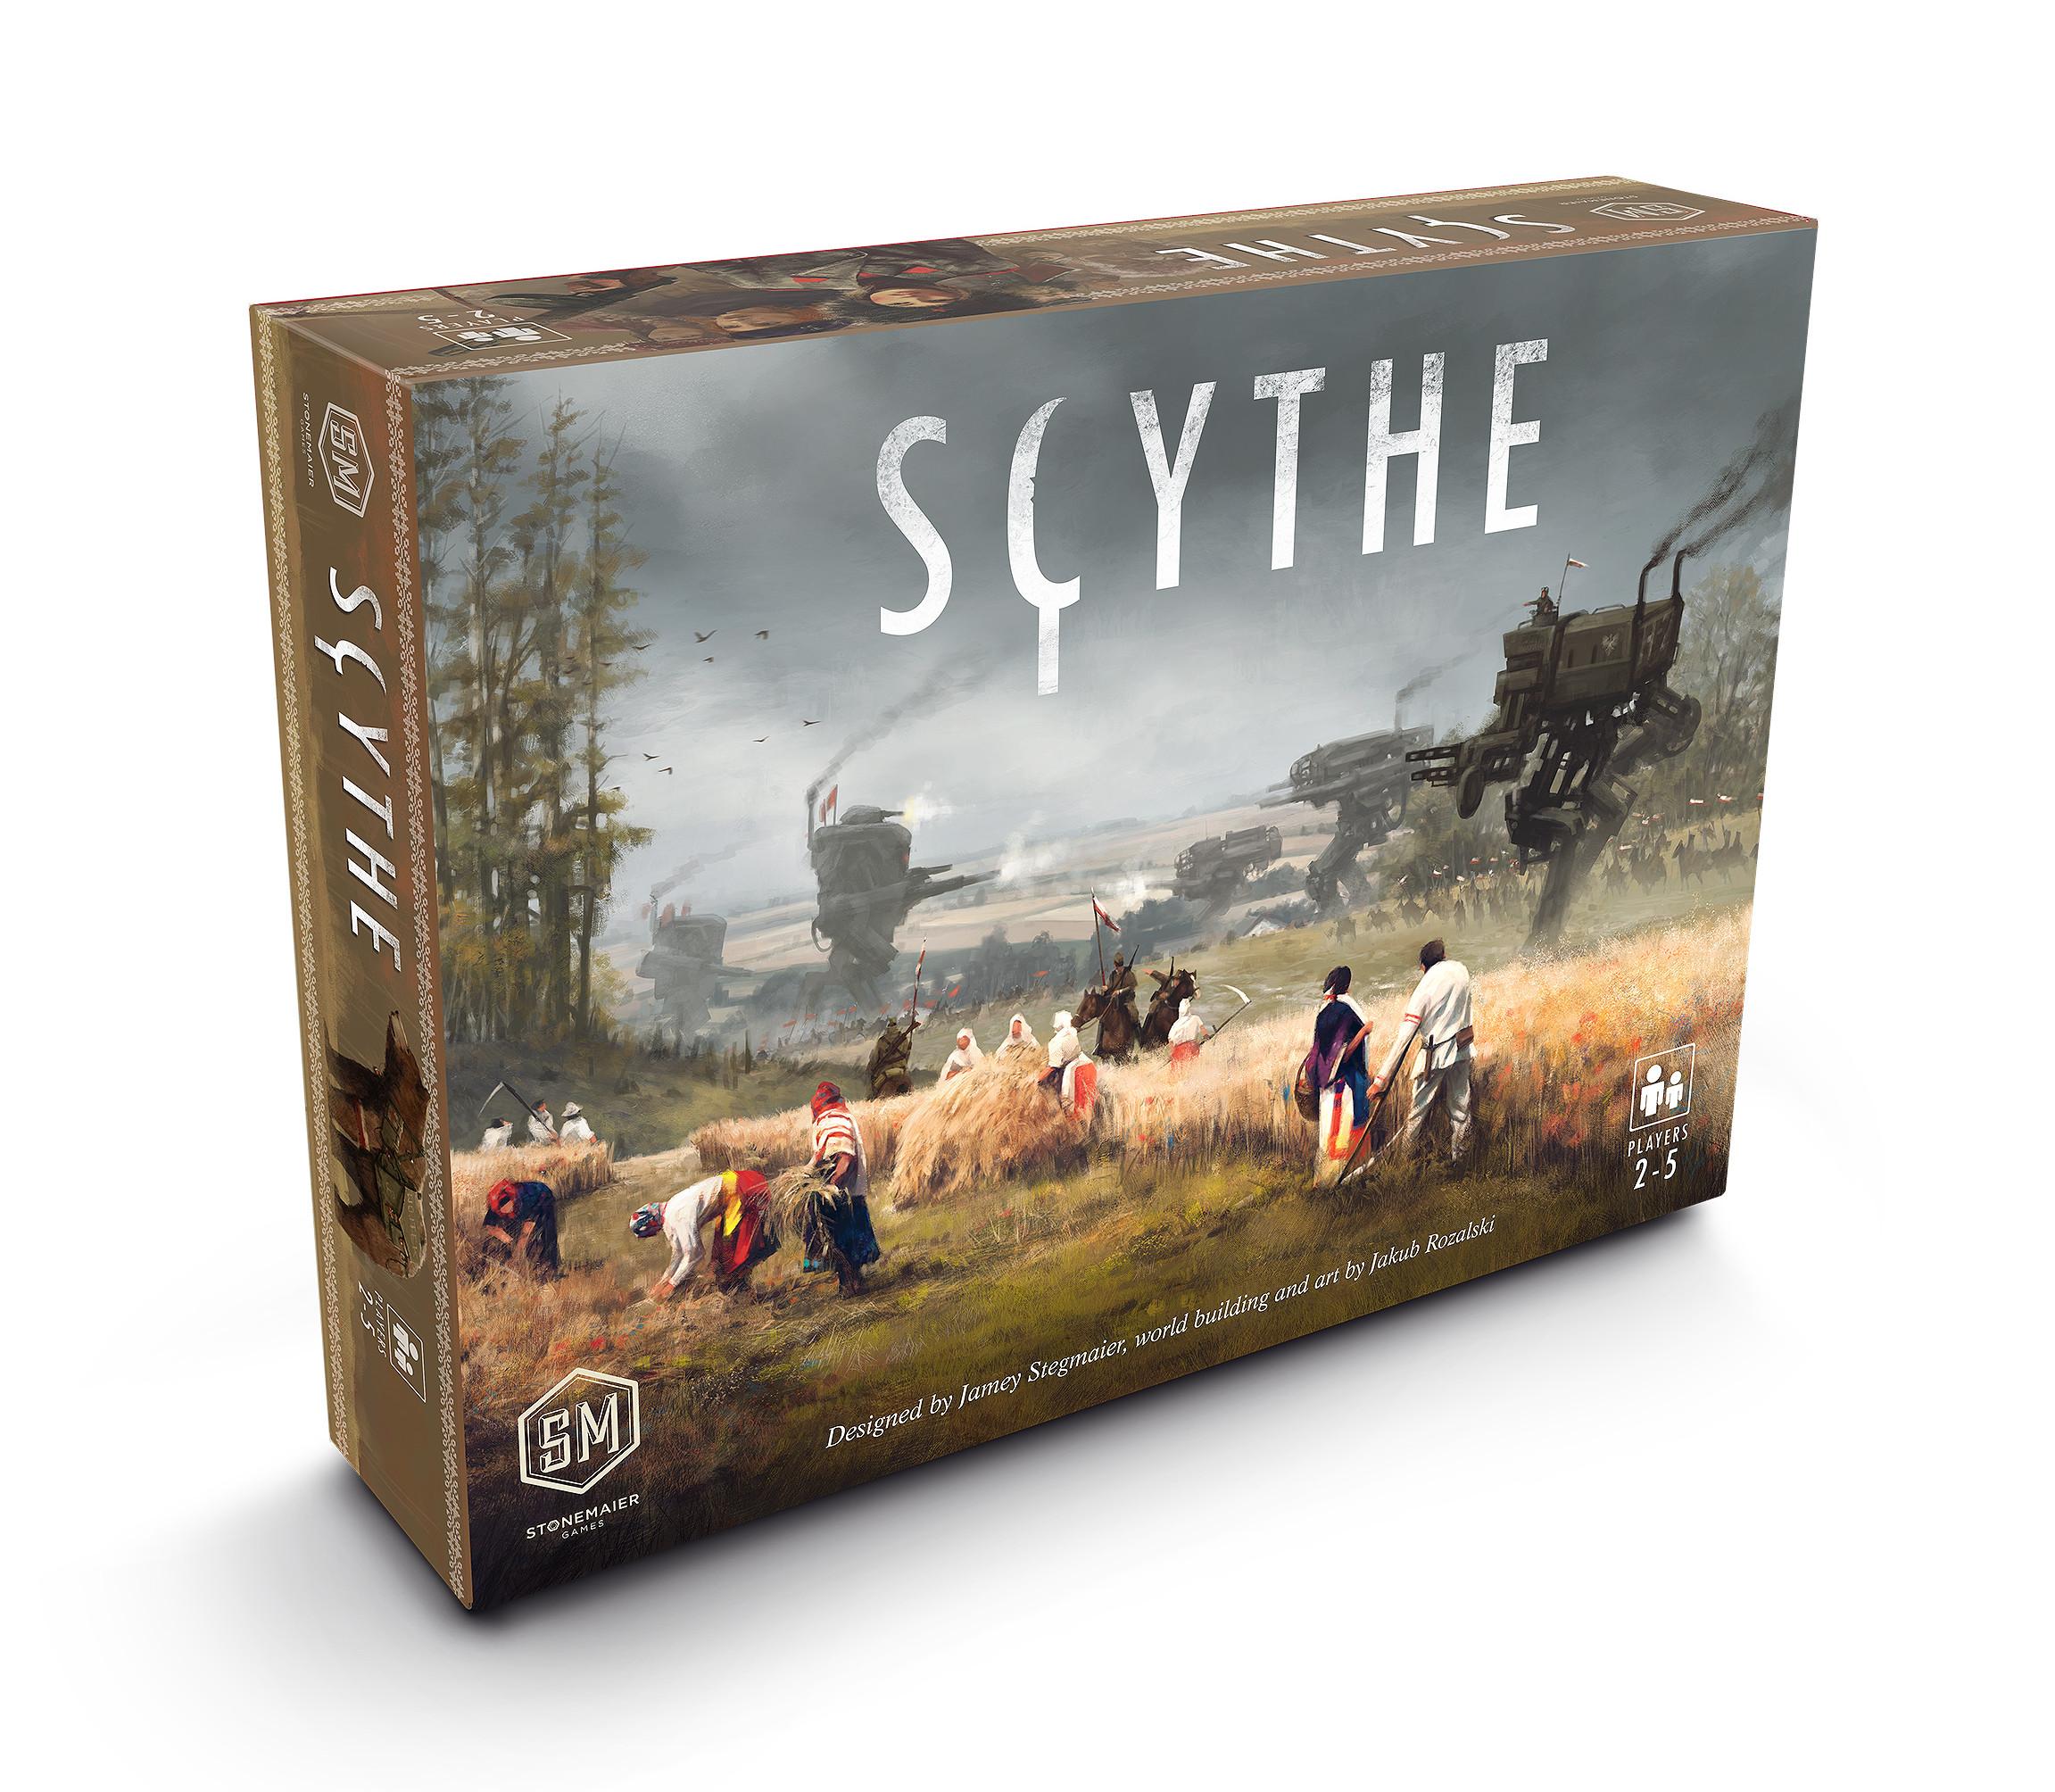 Scythe -  Stonemaier Games